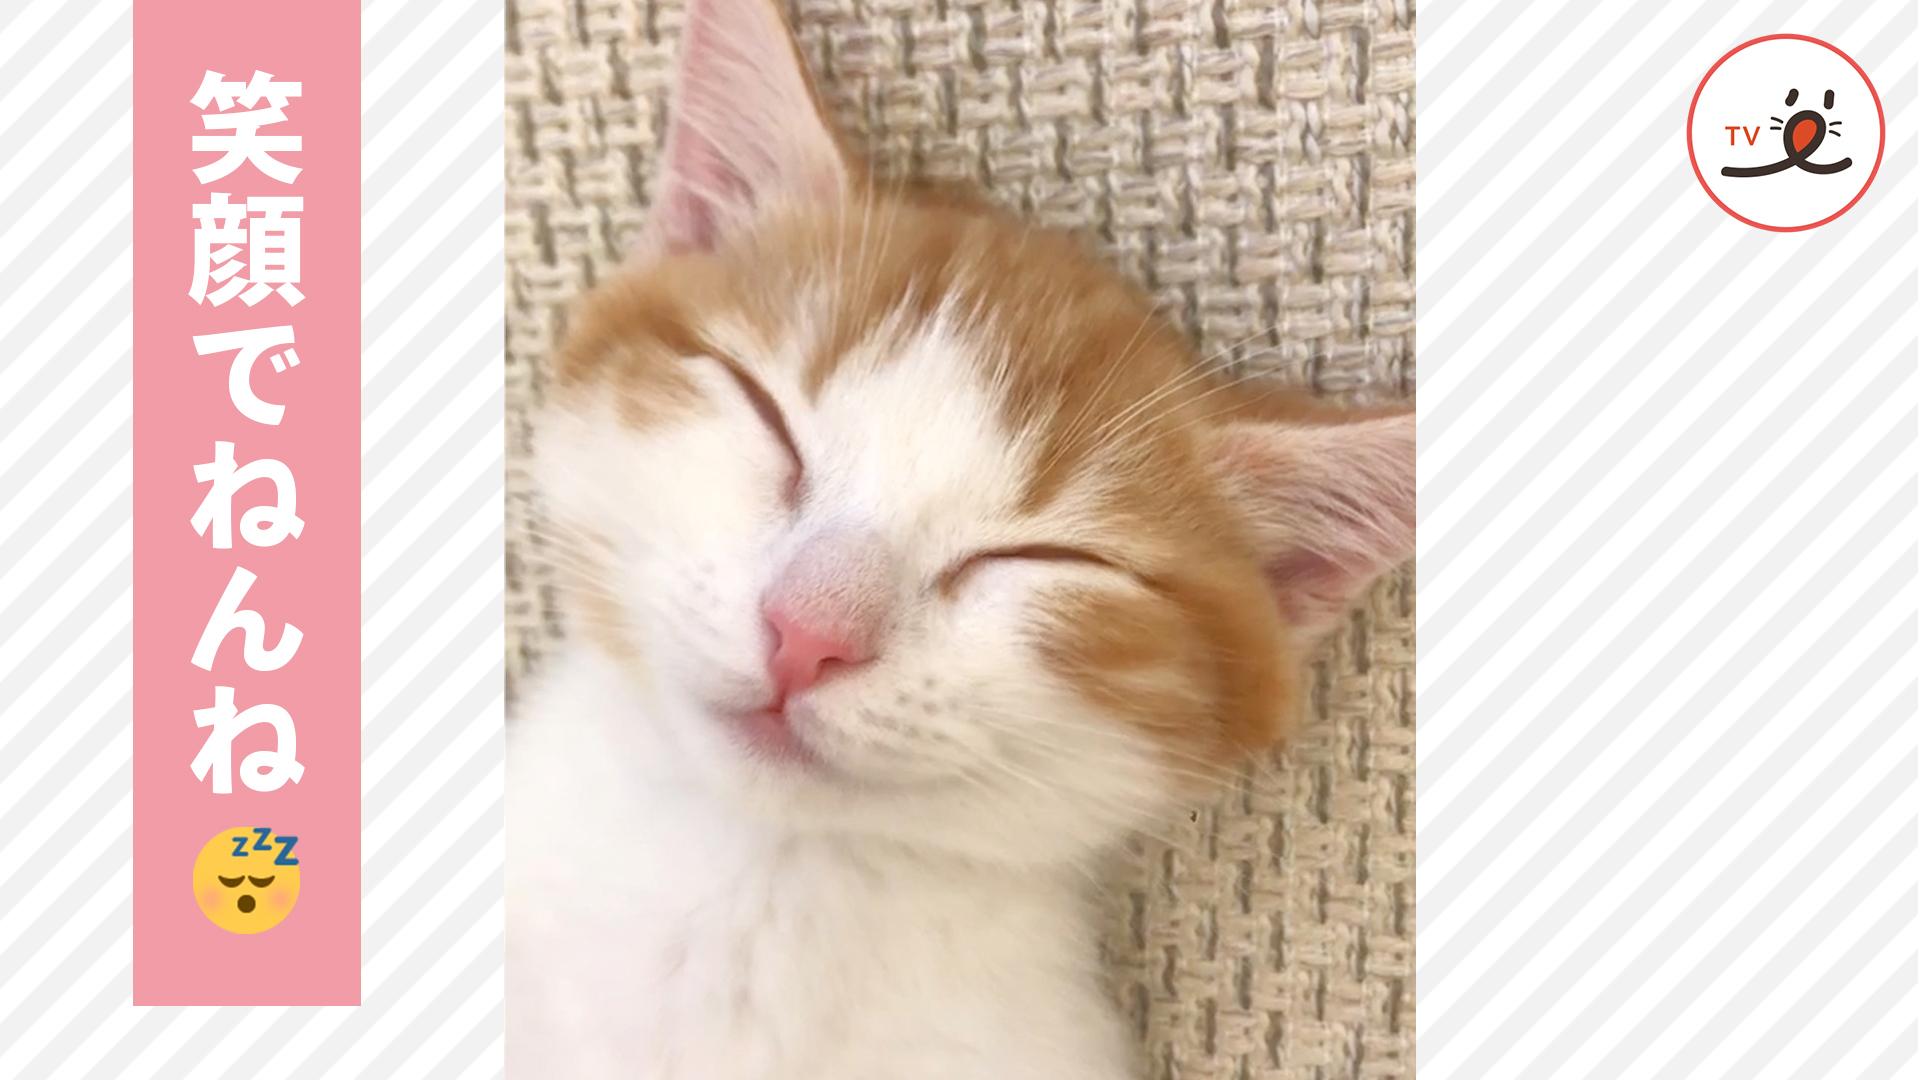 どうしてこの寝方に😂❤️ 超リラックスして眠る子ネコの姿が可愛すぎる😻